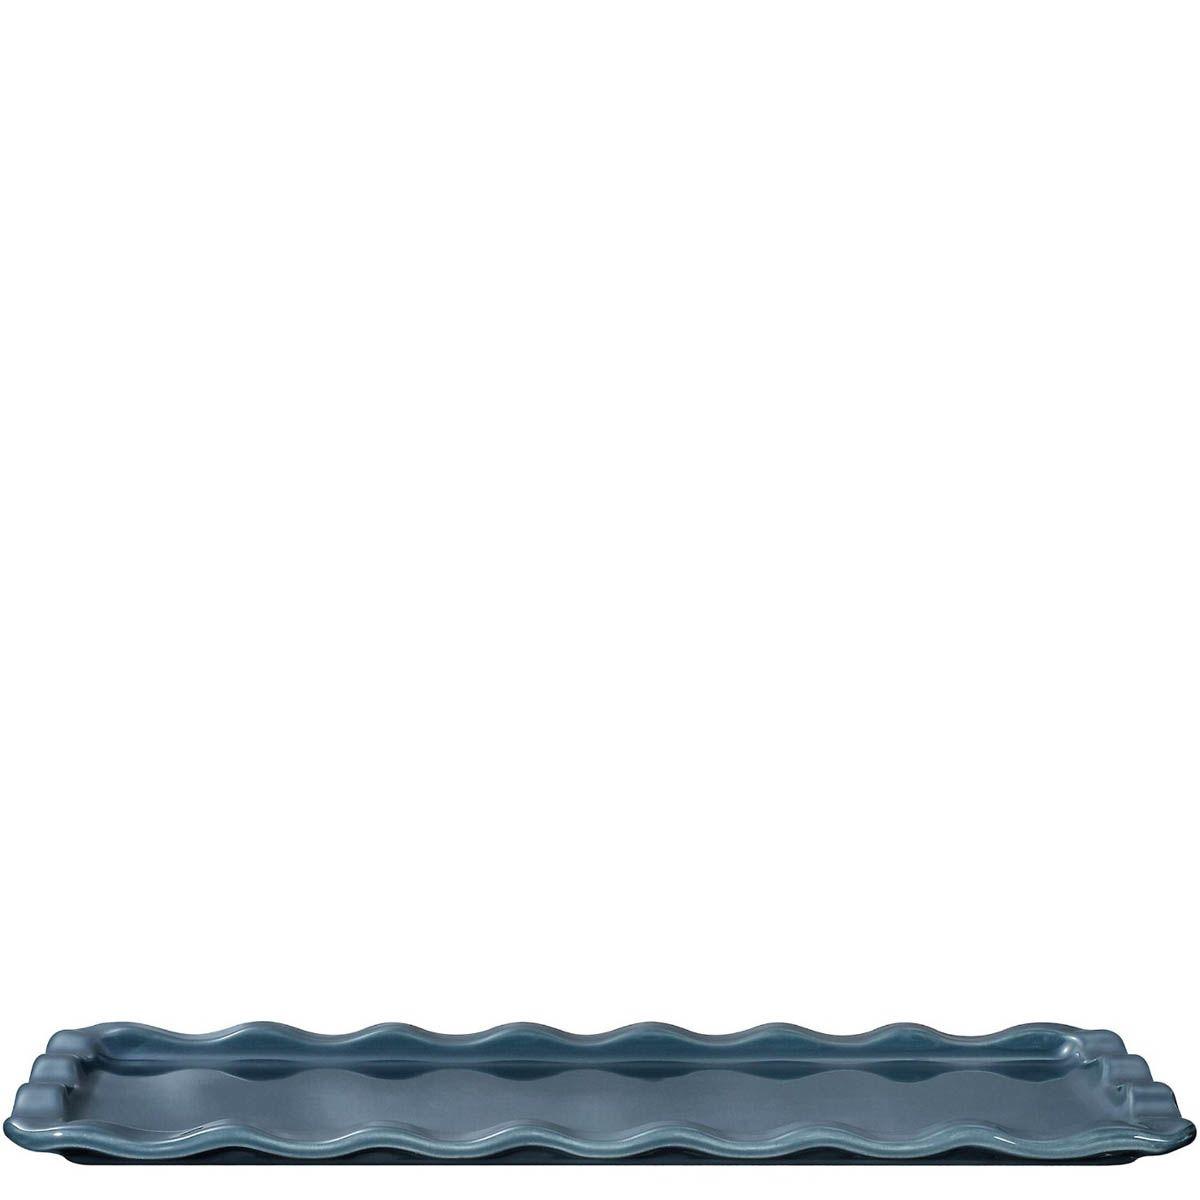 Форма-поднос Emile Henry Natural Chic Bleu Pavot 36х15 см для запекания и подачи